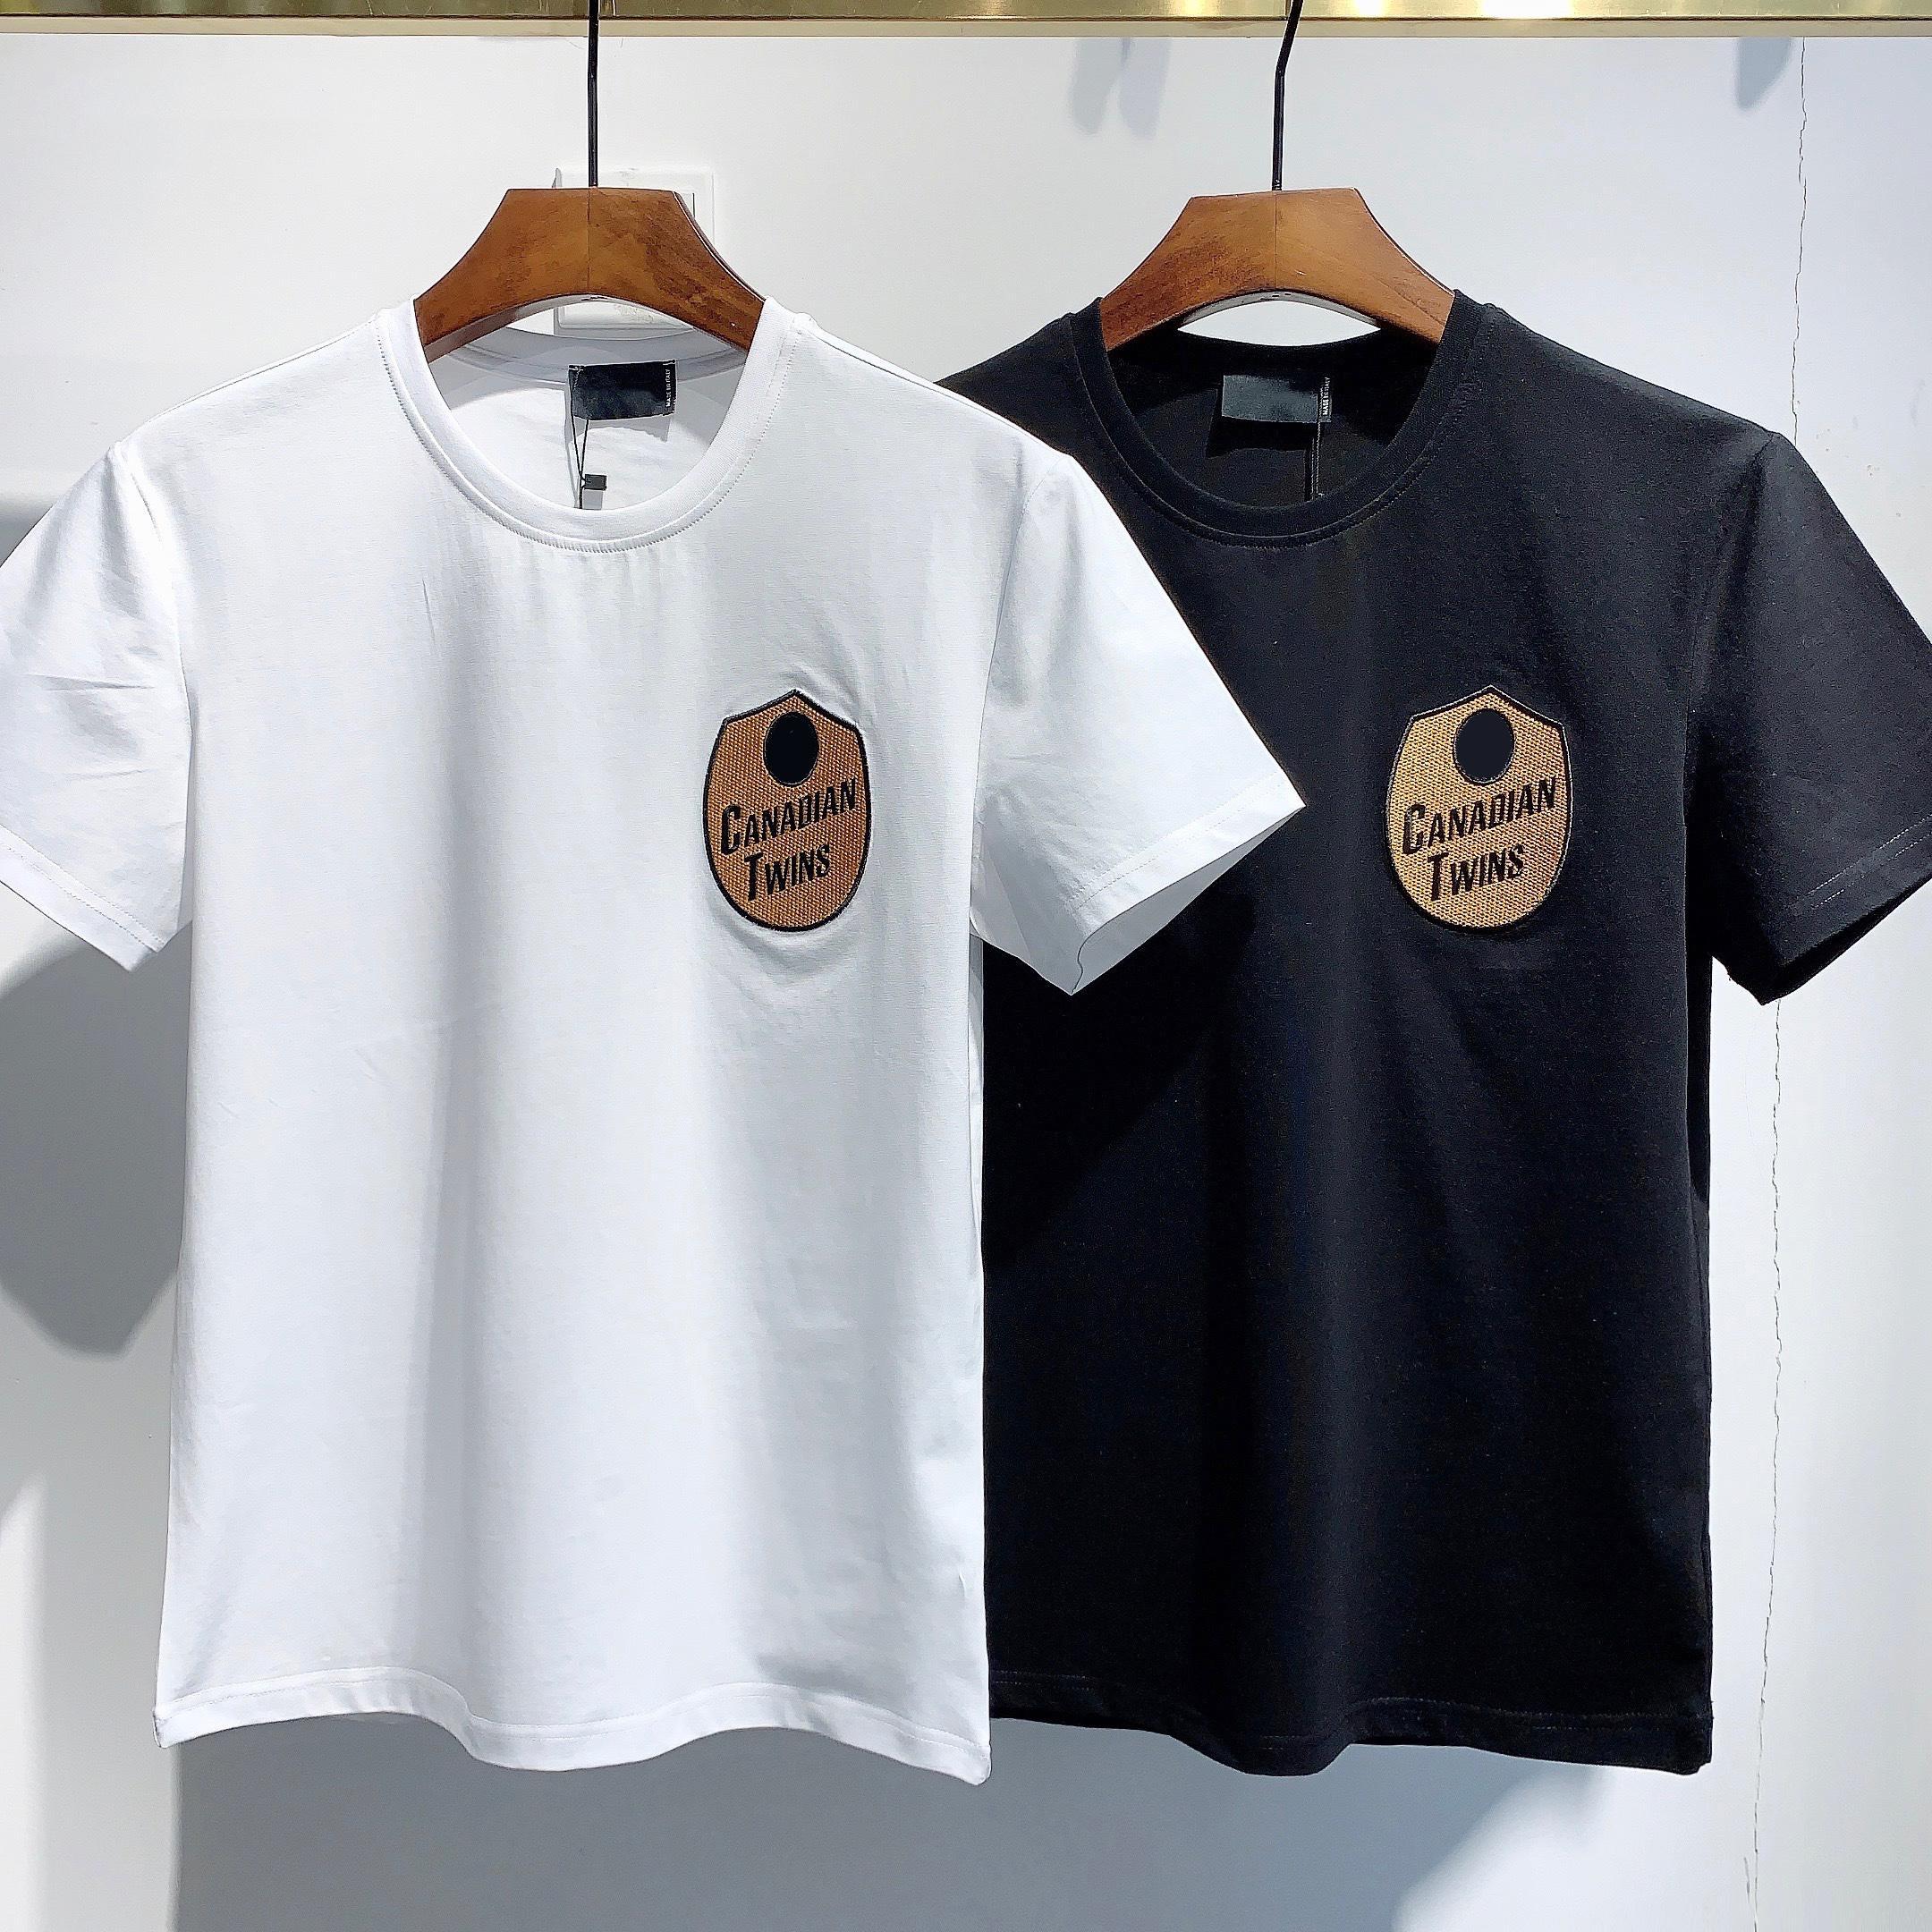 2021 패션 아이콘 디자이너 남성 여성 T 셔츠 # DT050 여름 클래식 메이플 잎 티 필수품 흰색 편지 인쇄 캐주얼 의류